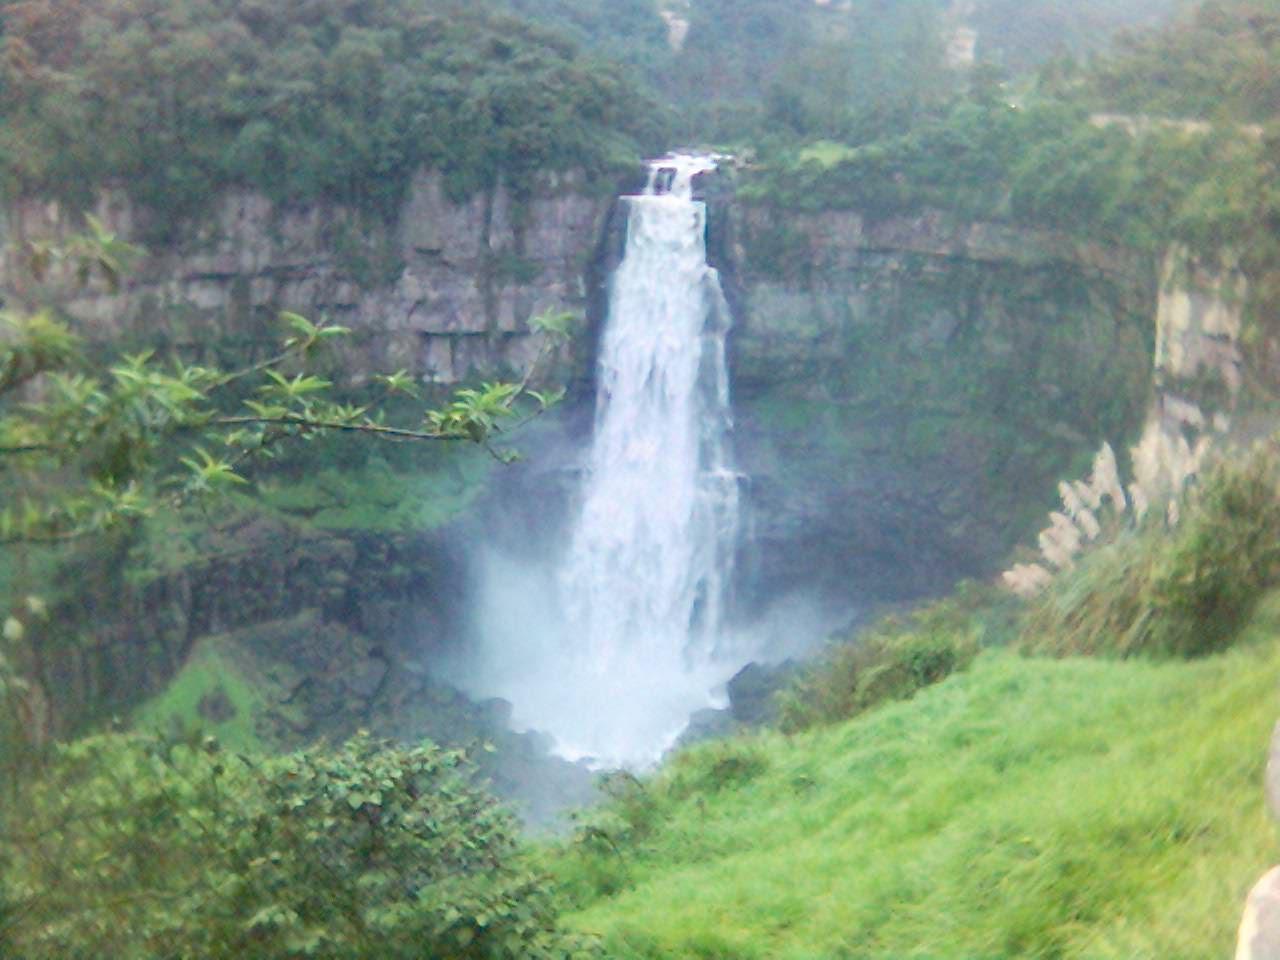 File:Salto del Tequendama, Colombia.jpg - Wikipedia